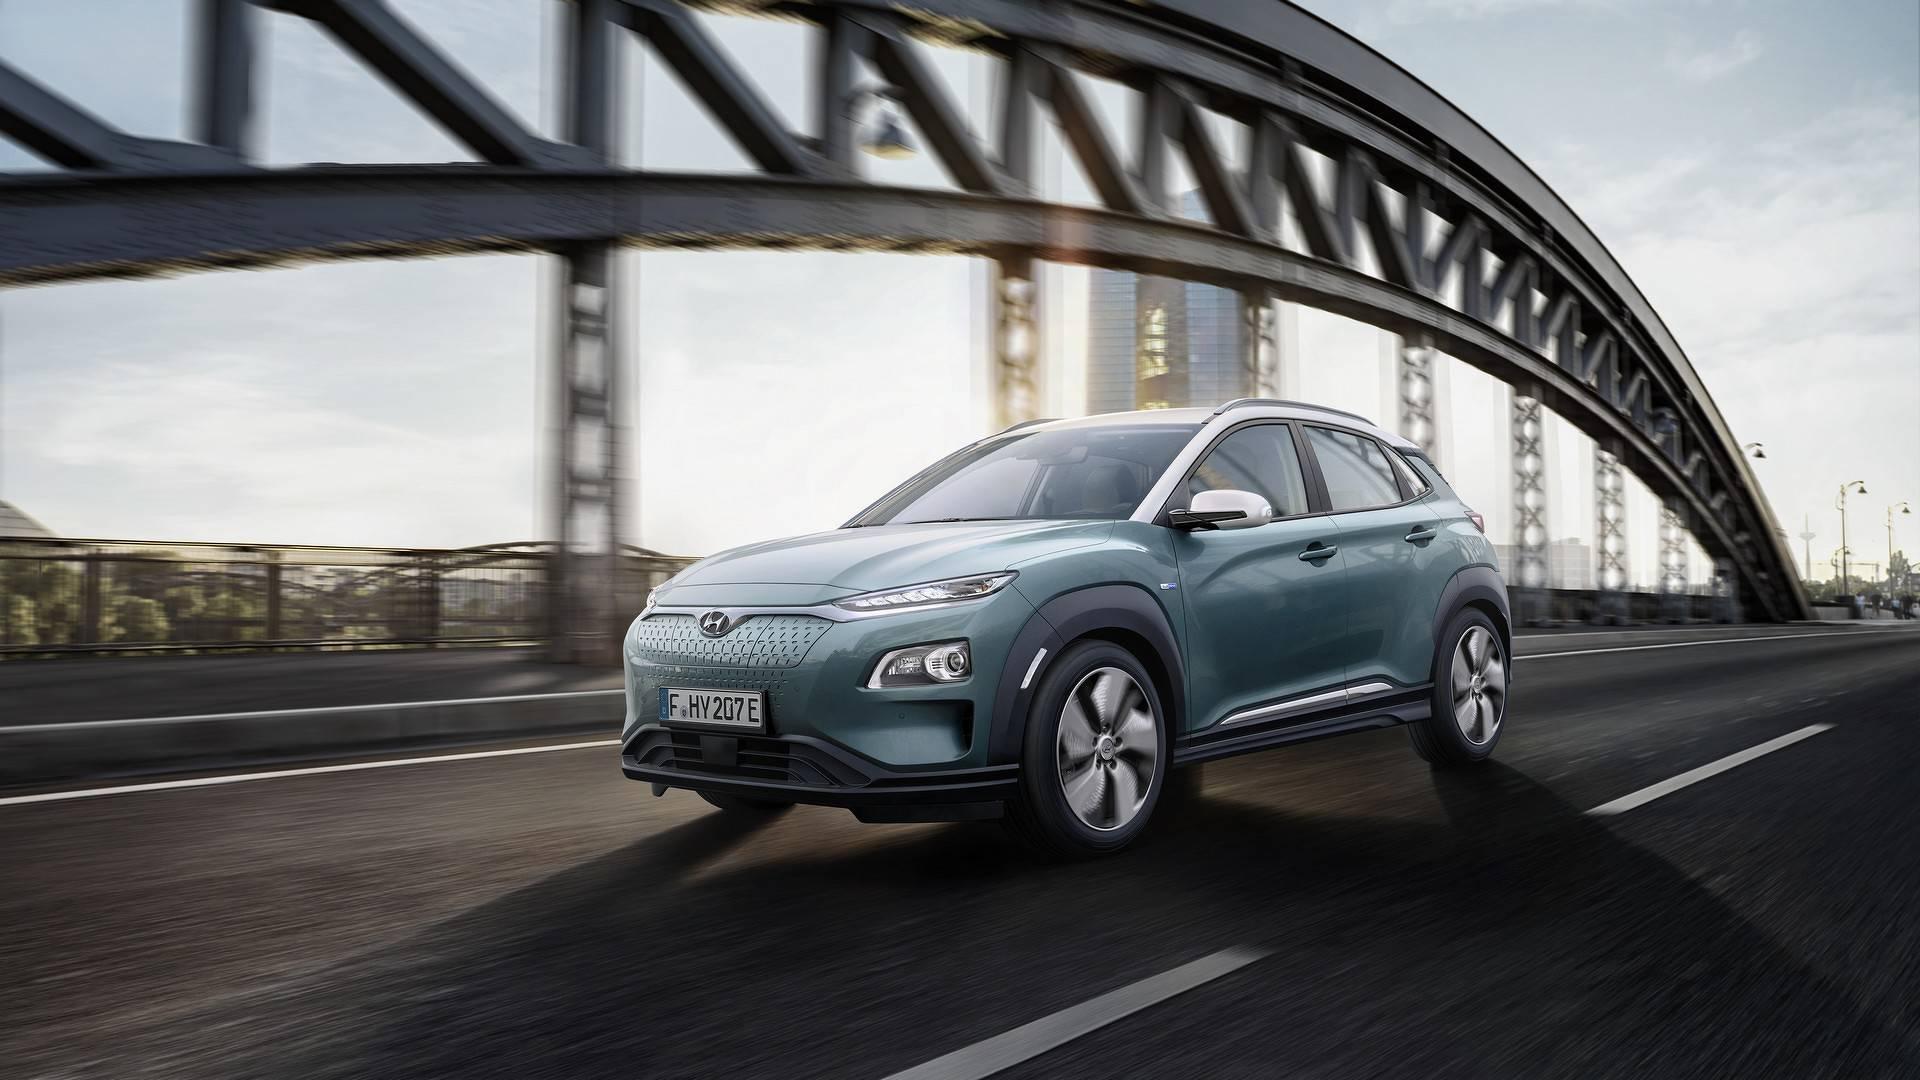 Электрический Hyundai Kona проедет 470 км без подзарядки